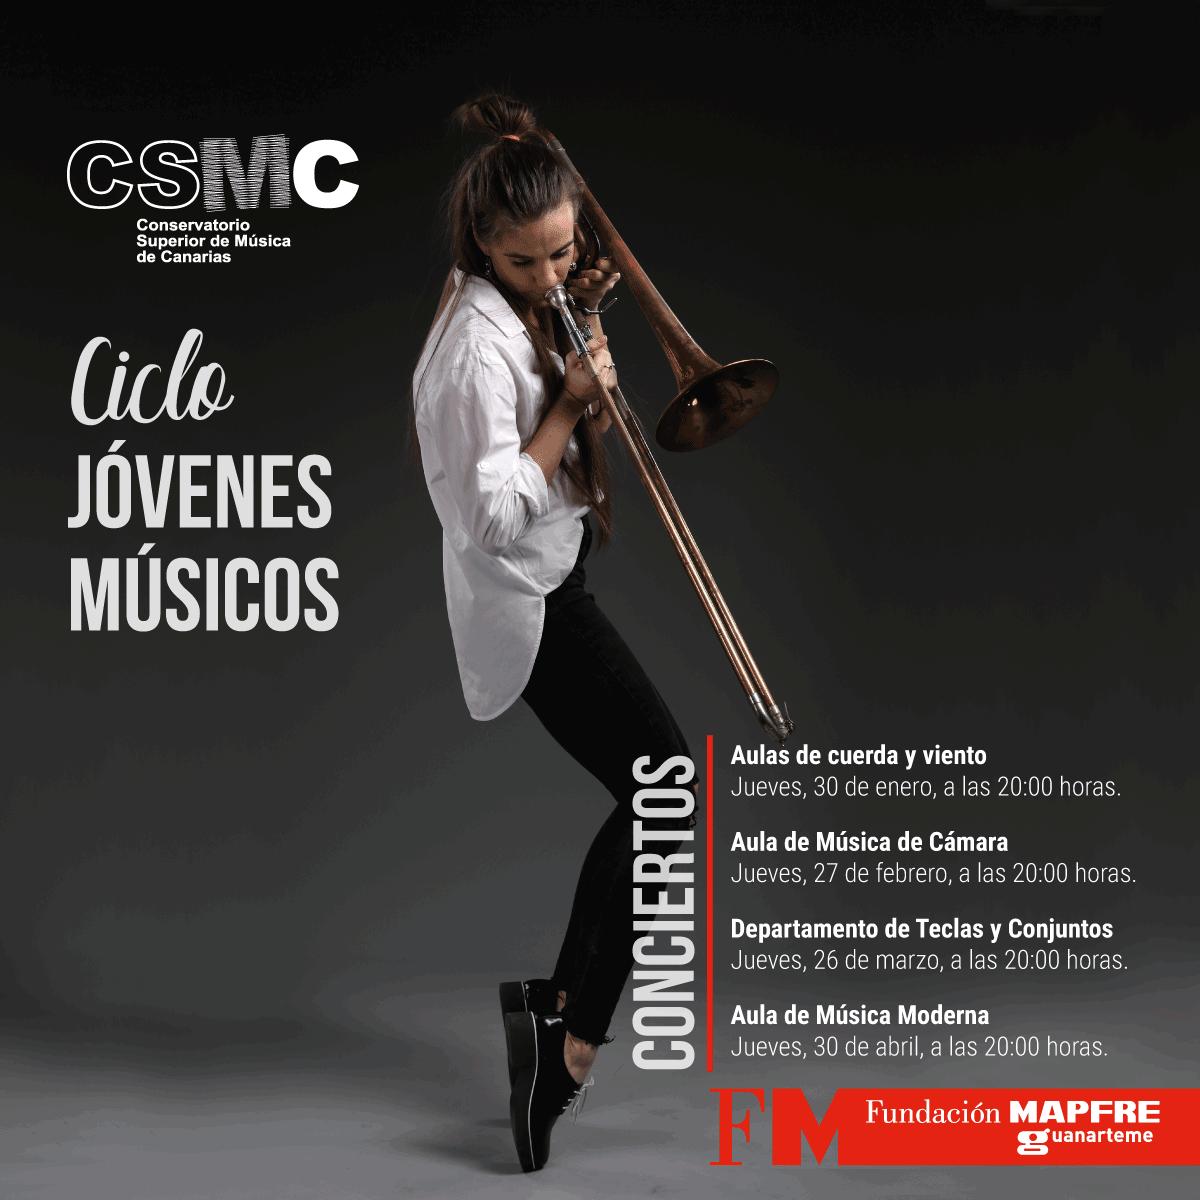 Los alumnos de cuerda y viento del CSMC inauguran el «Ciclo de jóvenes músicos » en la Fundación Mapfre Guanarteme